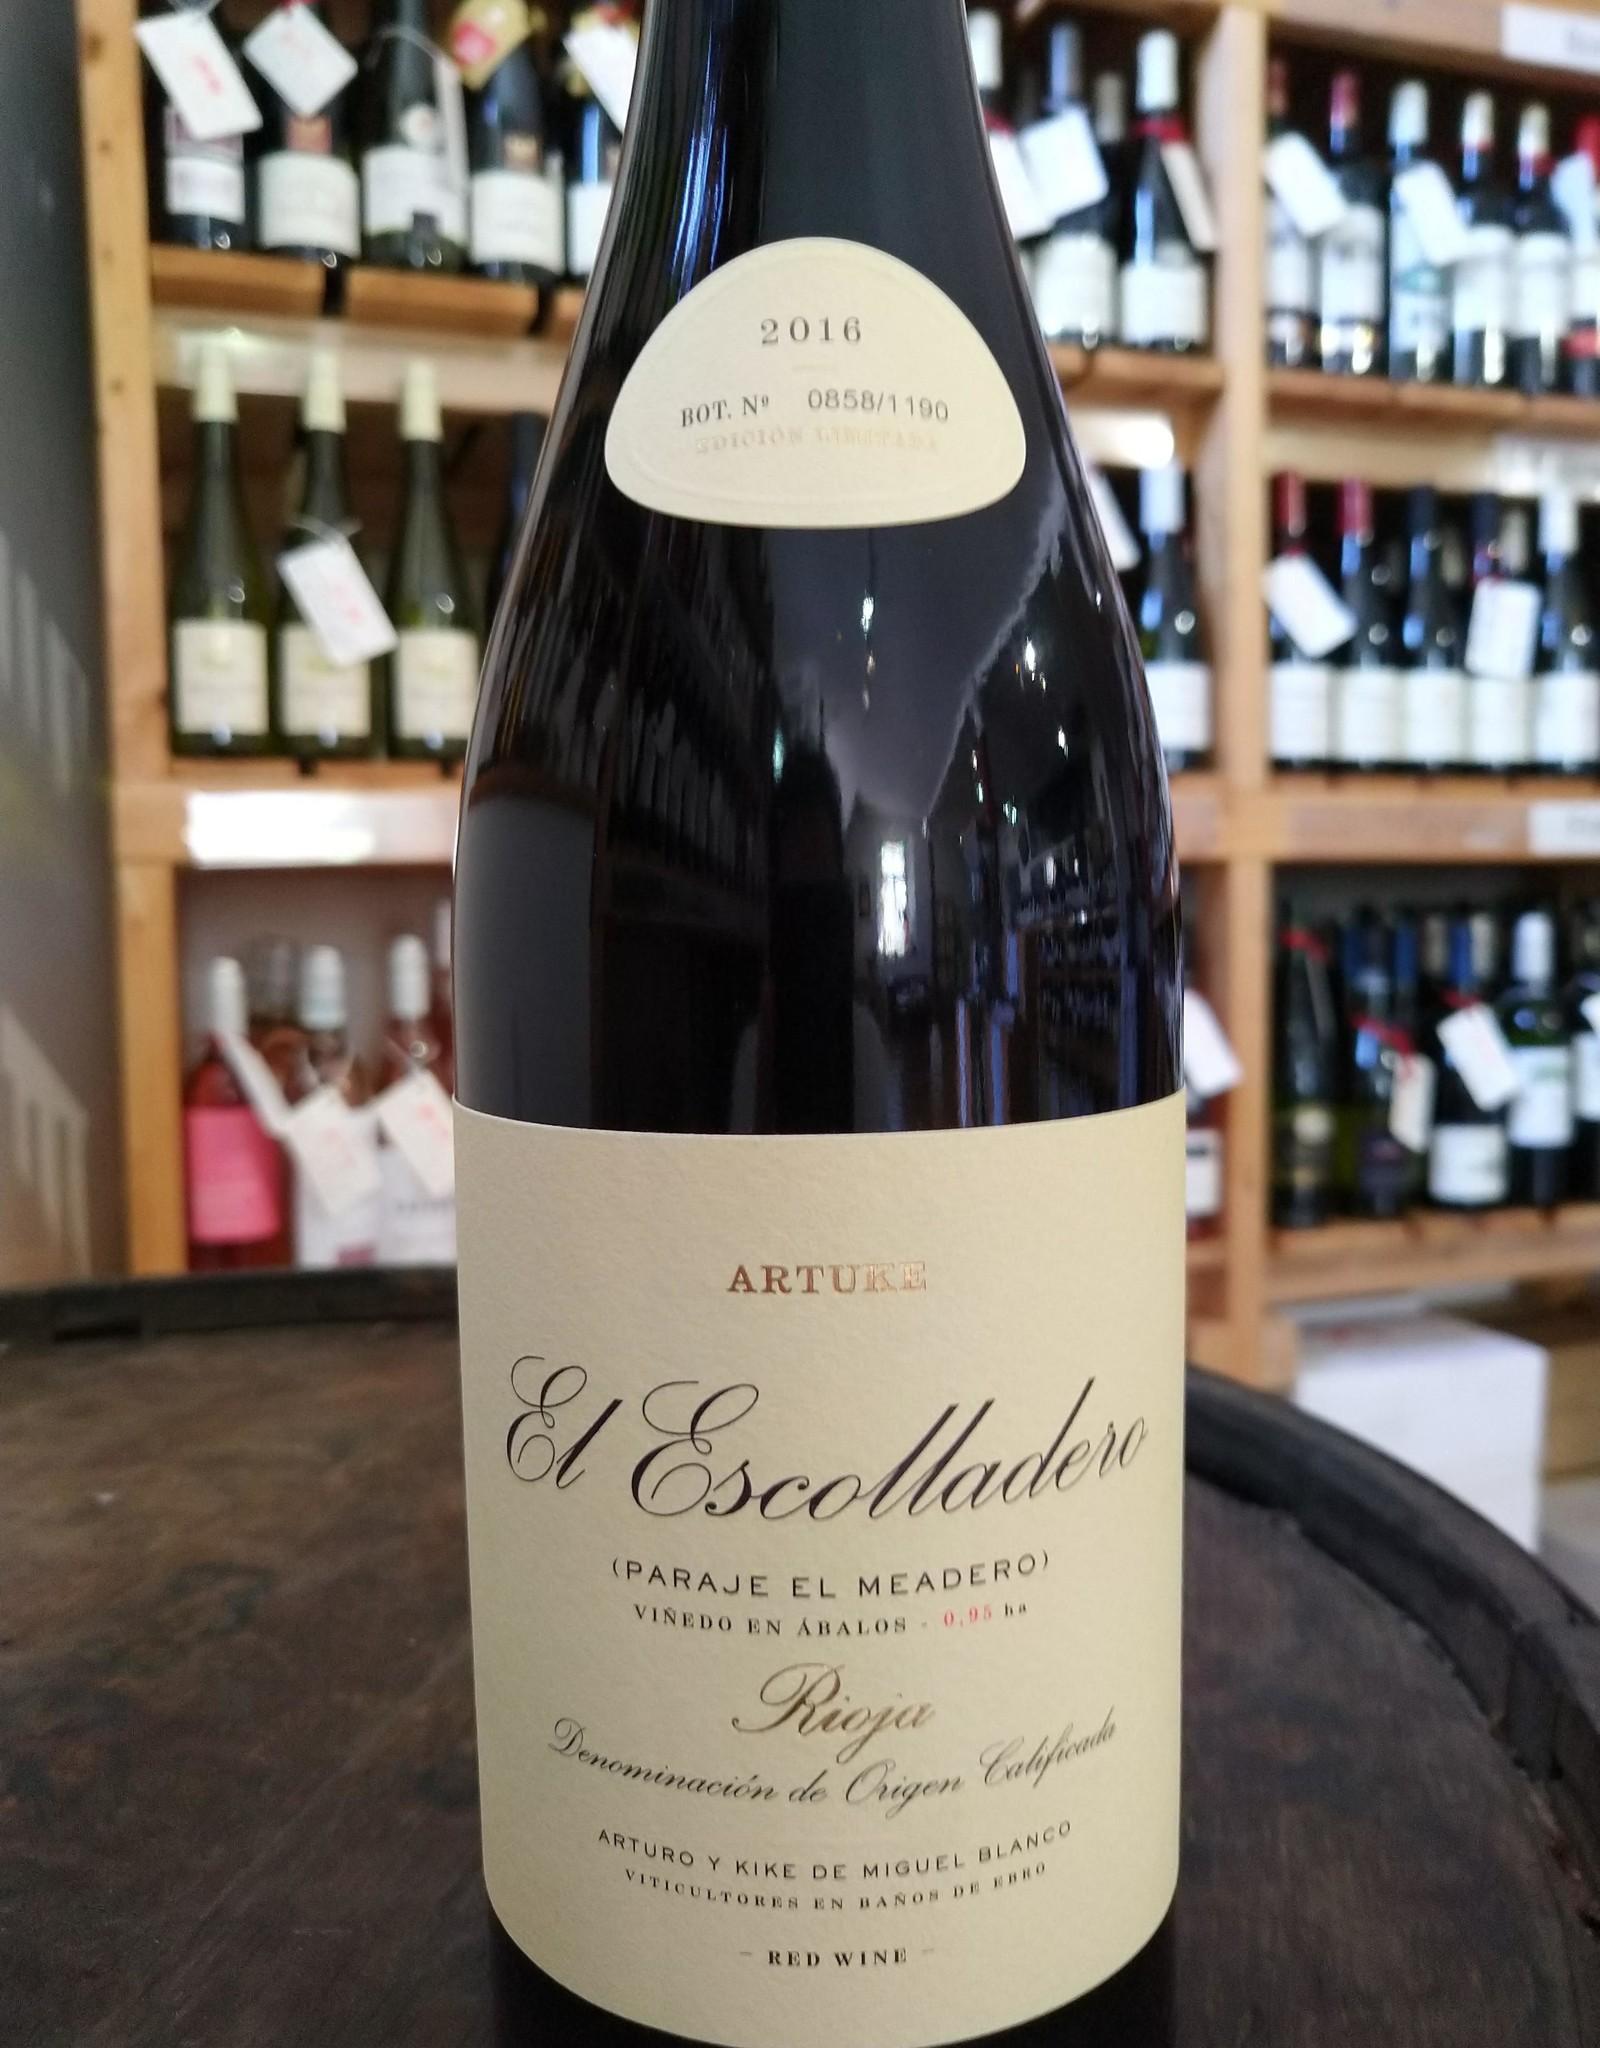 Bodegas Artuke, Rioja, Spain El Escolladero 2016, Artuke